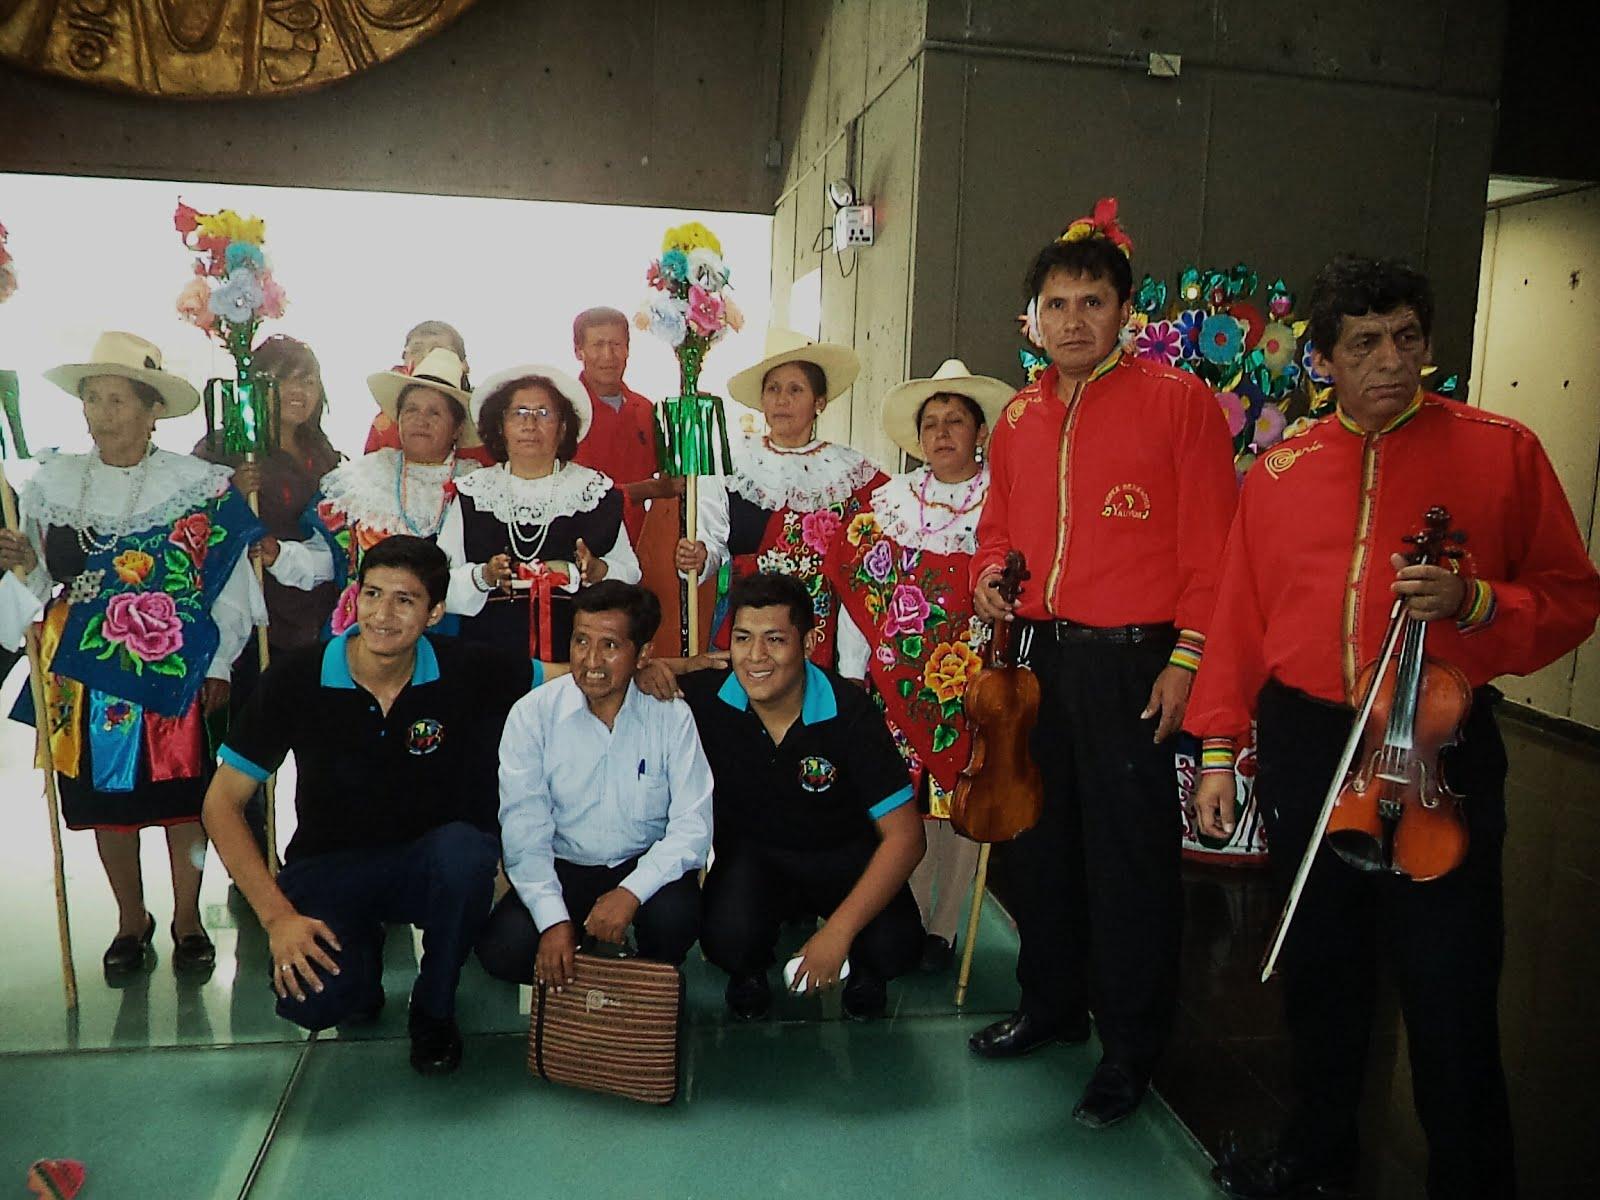 Pastoras de Huañec en el Minnisterio de Cultura Peruana